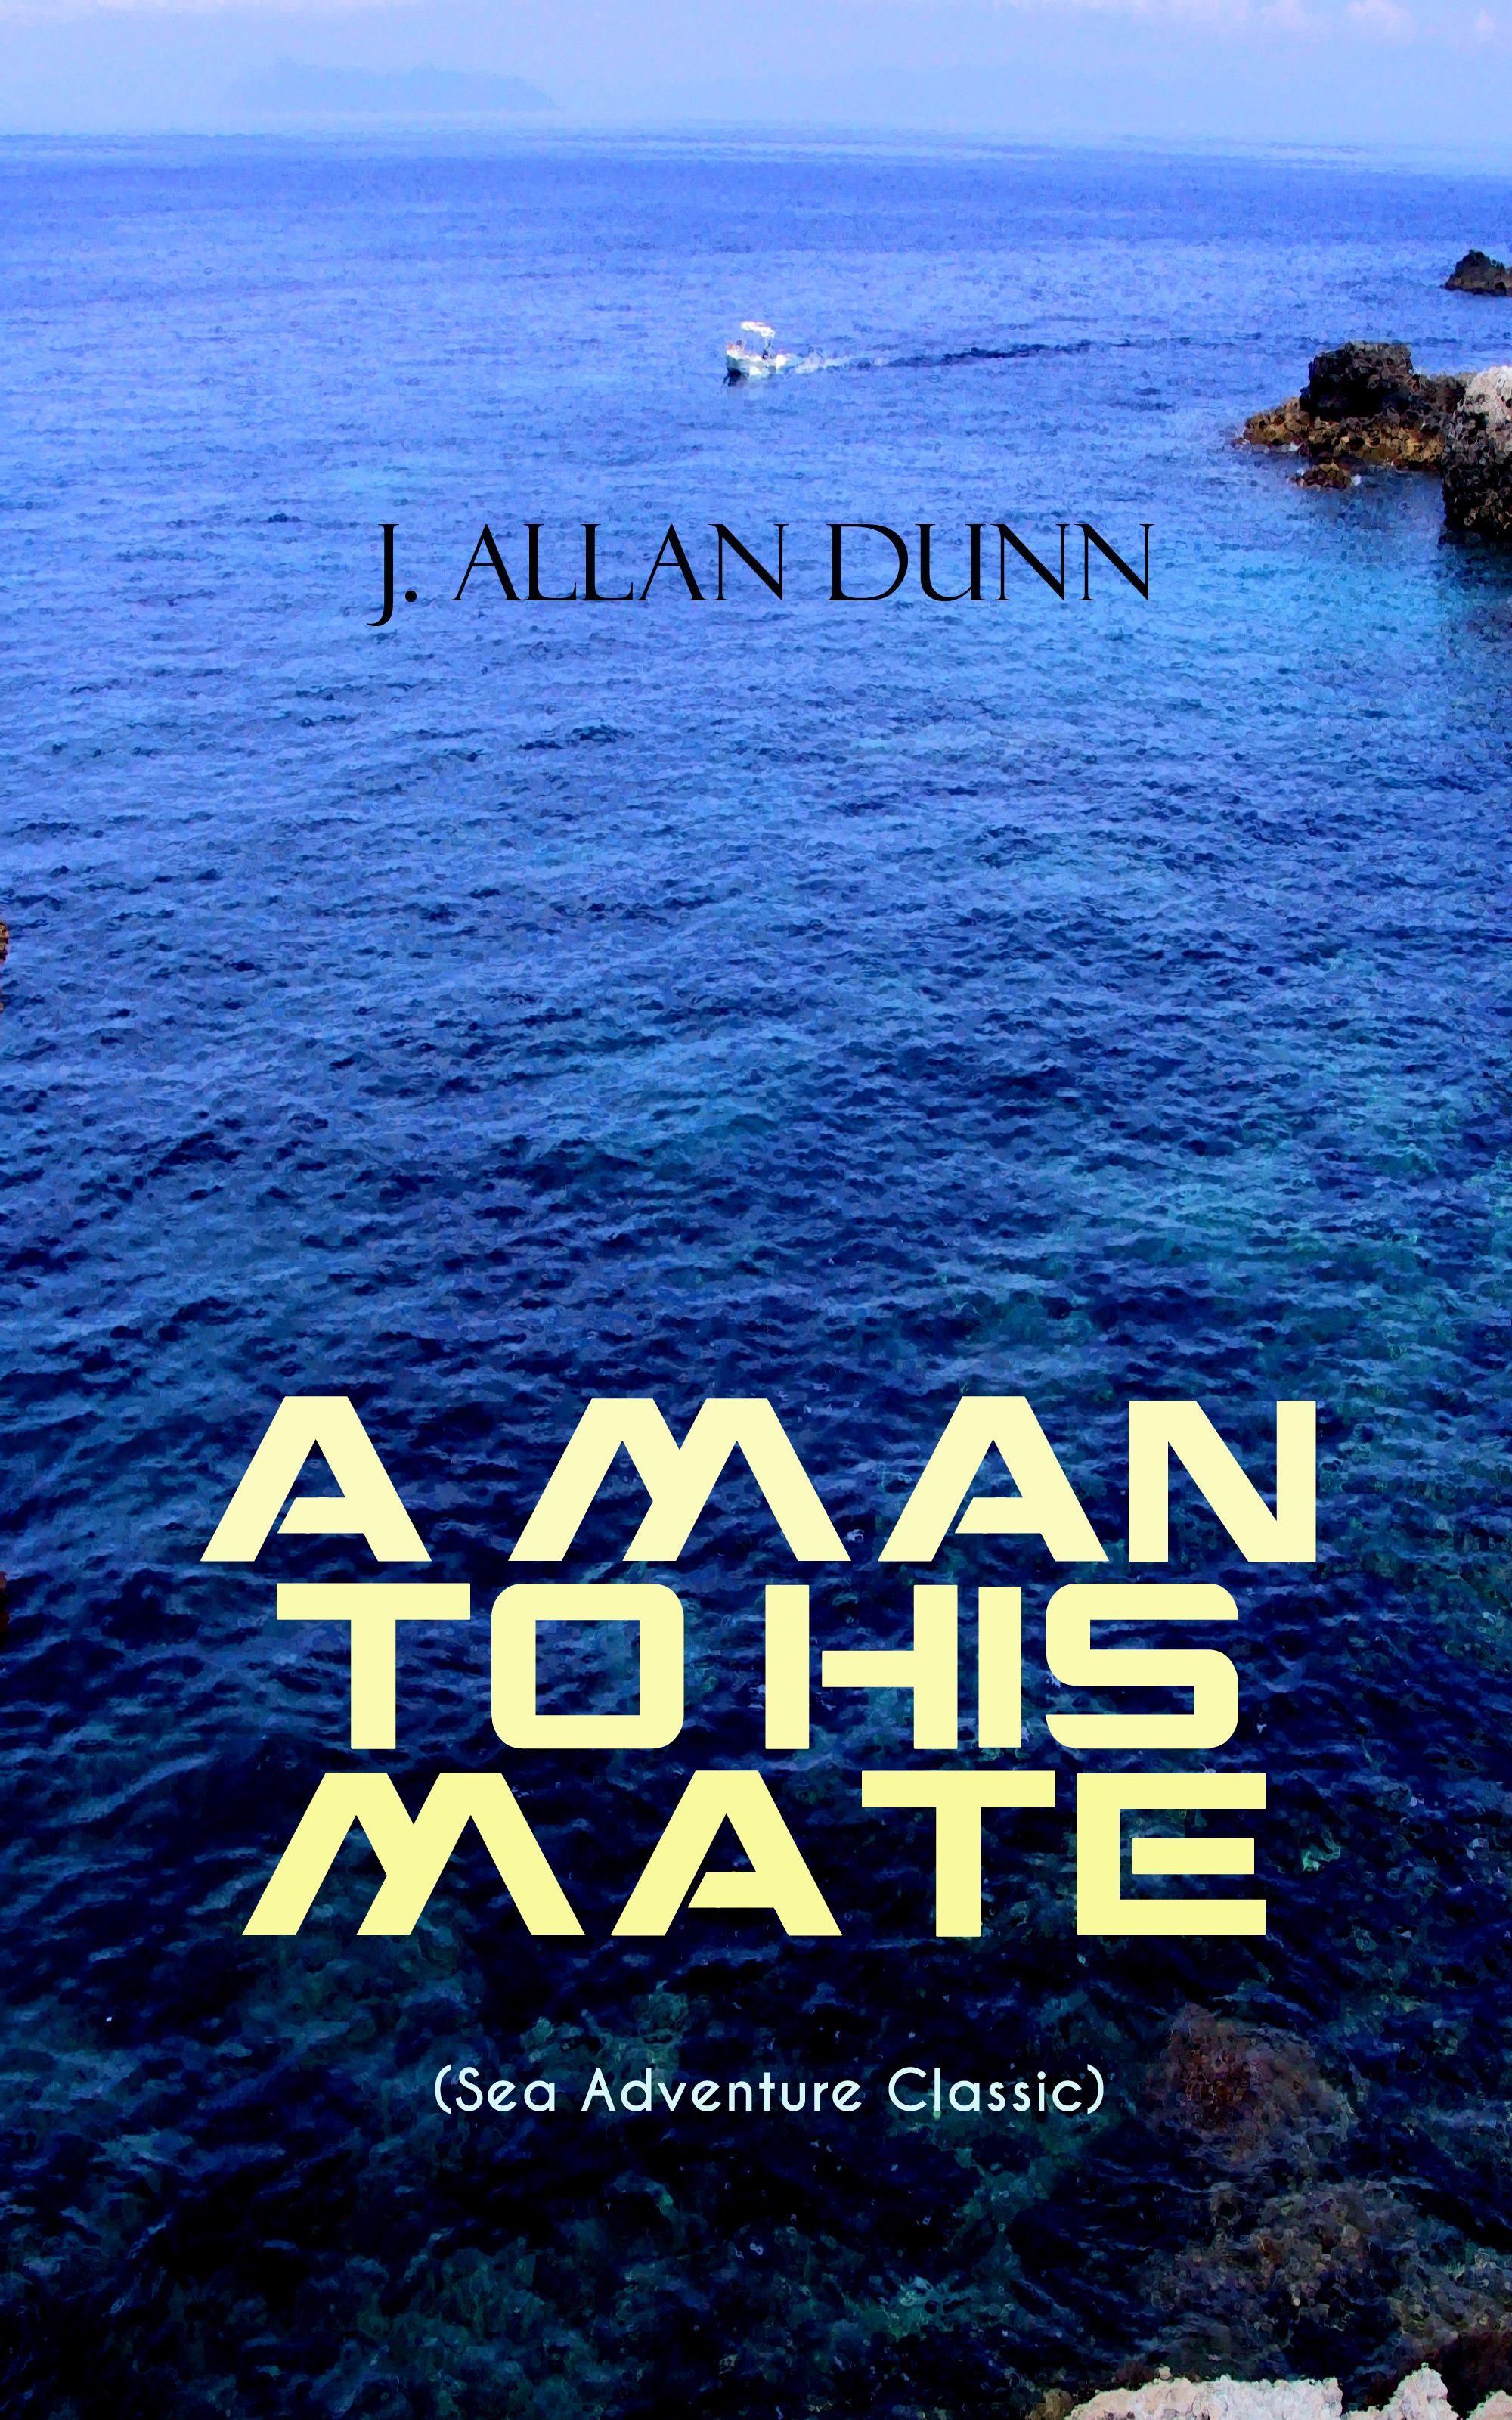 A MAN TO HIS MATE (Sea Adventure Classic) ( J. Allan Dunn  )